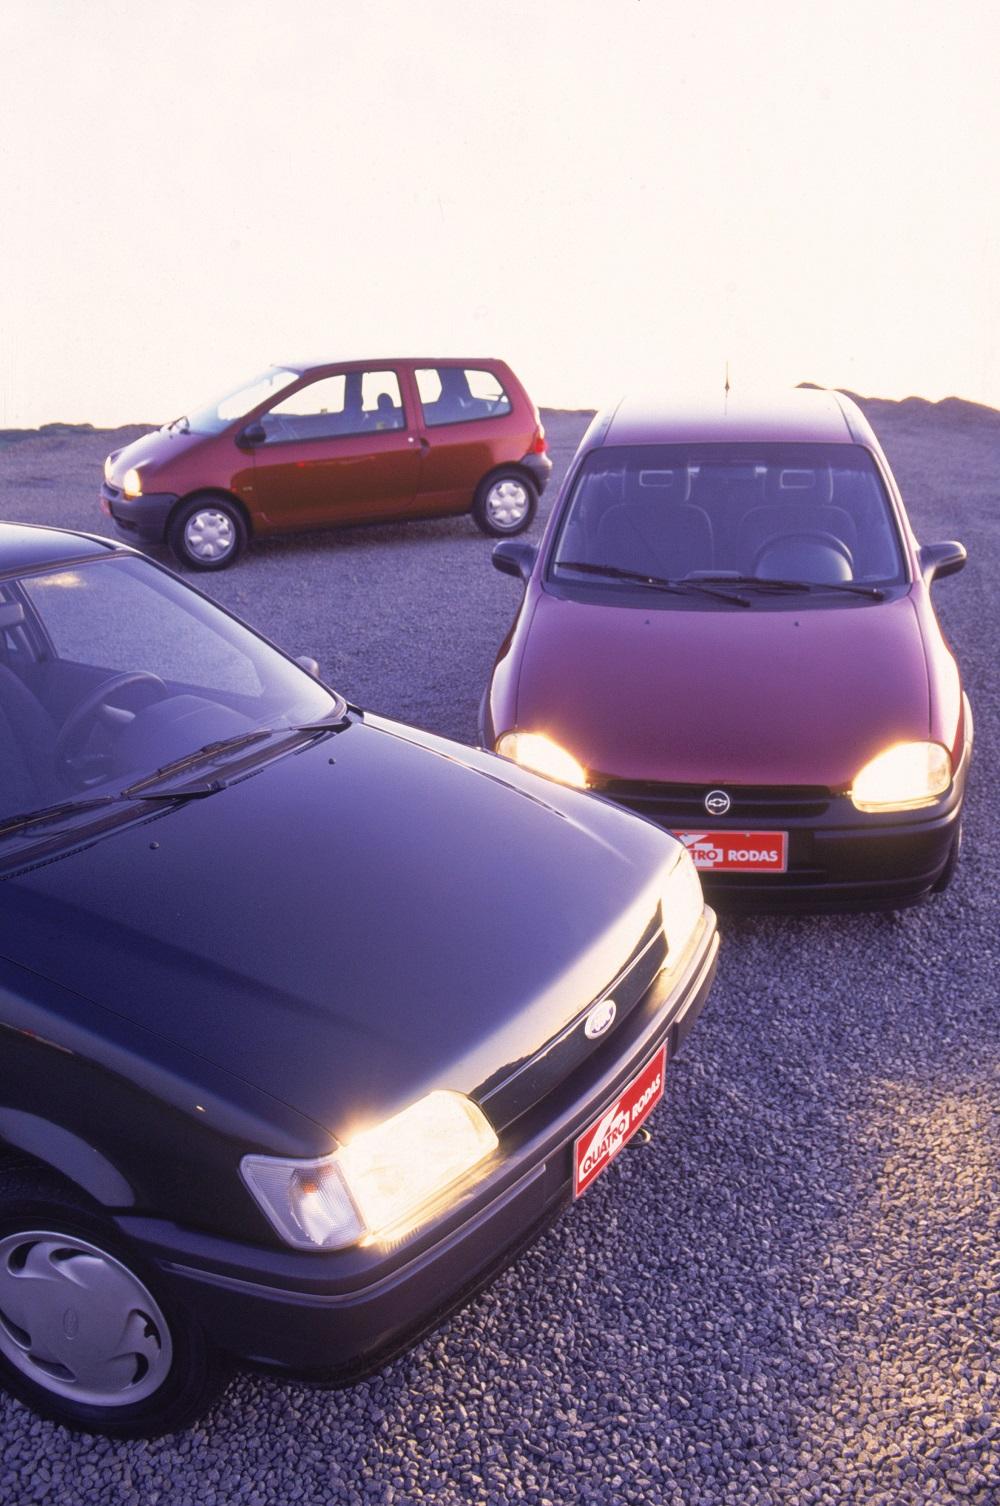 Teste comparativo entre o Fiesta 1.3, Corsa 1.4 e Twingo 1.2.